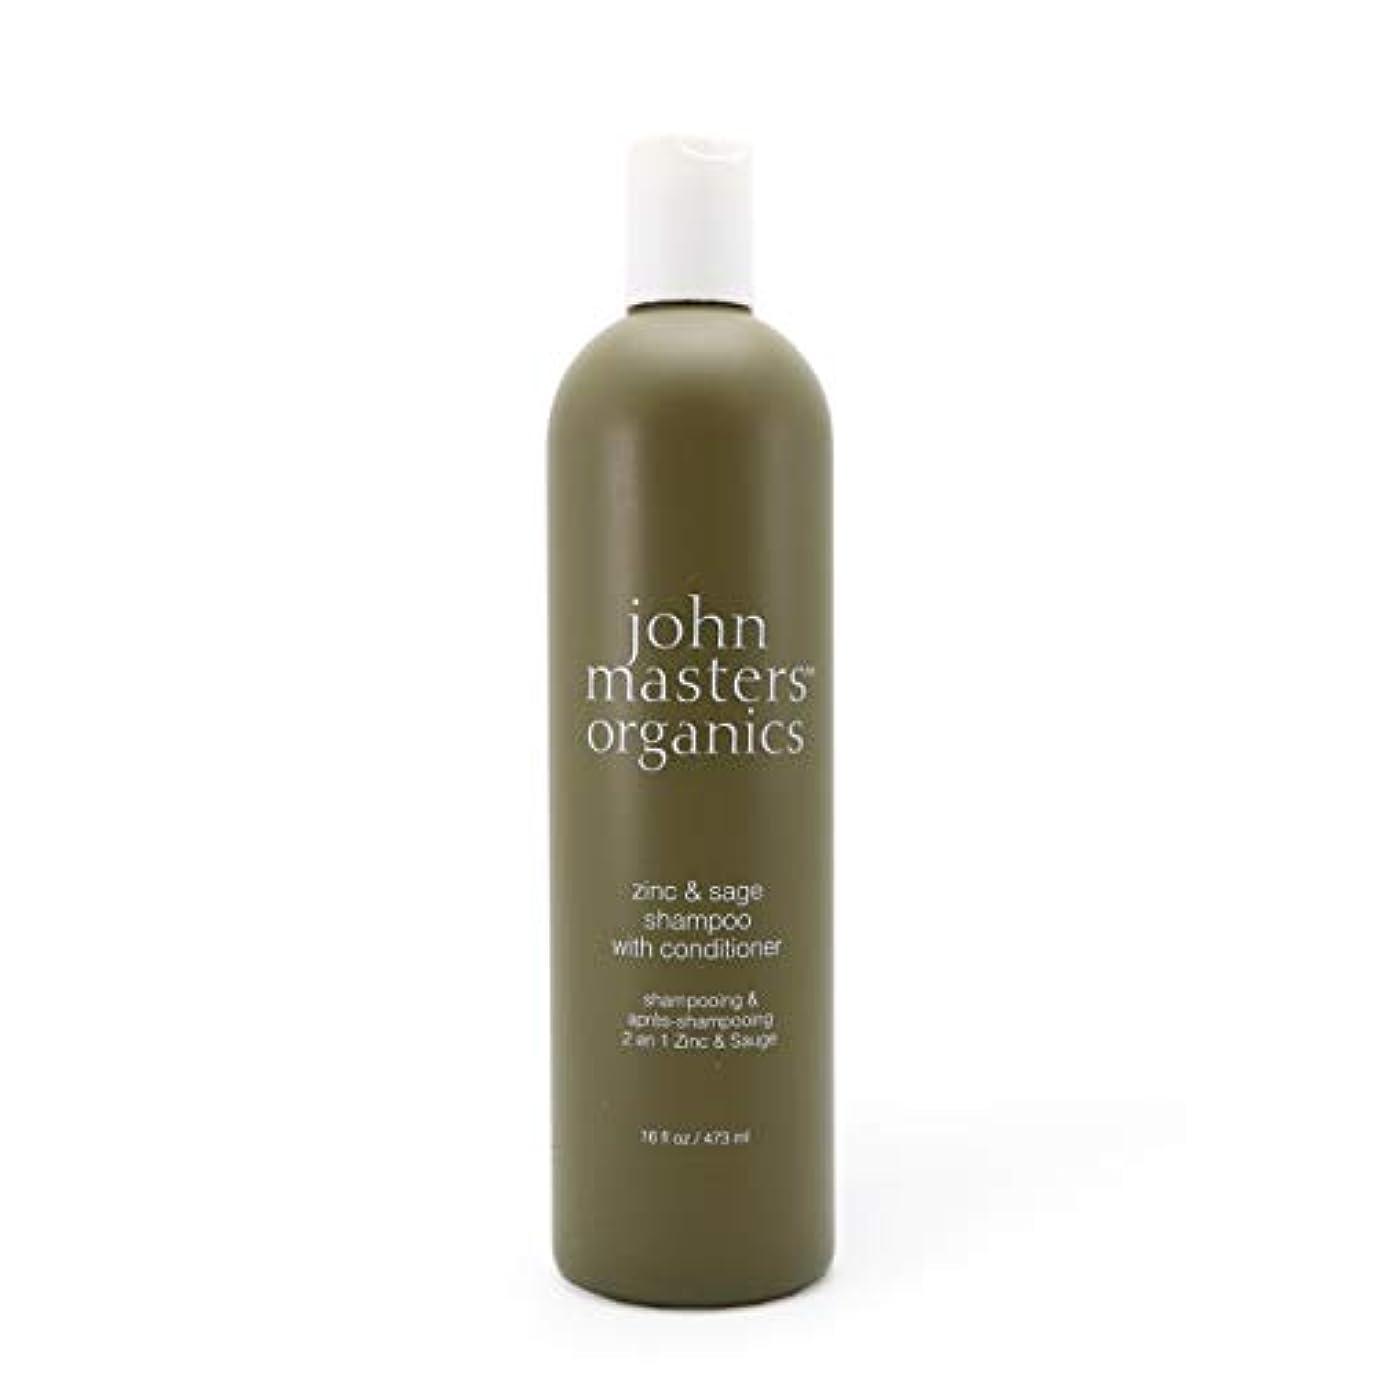 規定サーキュレーション画面ジョンマスターオーガニック(john masters organics) Z&Sコンディショニングシャンプー N(ジン&セージ)473mL